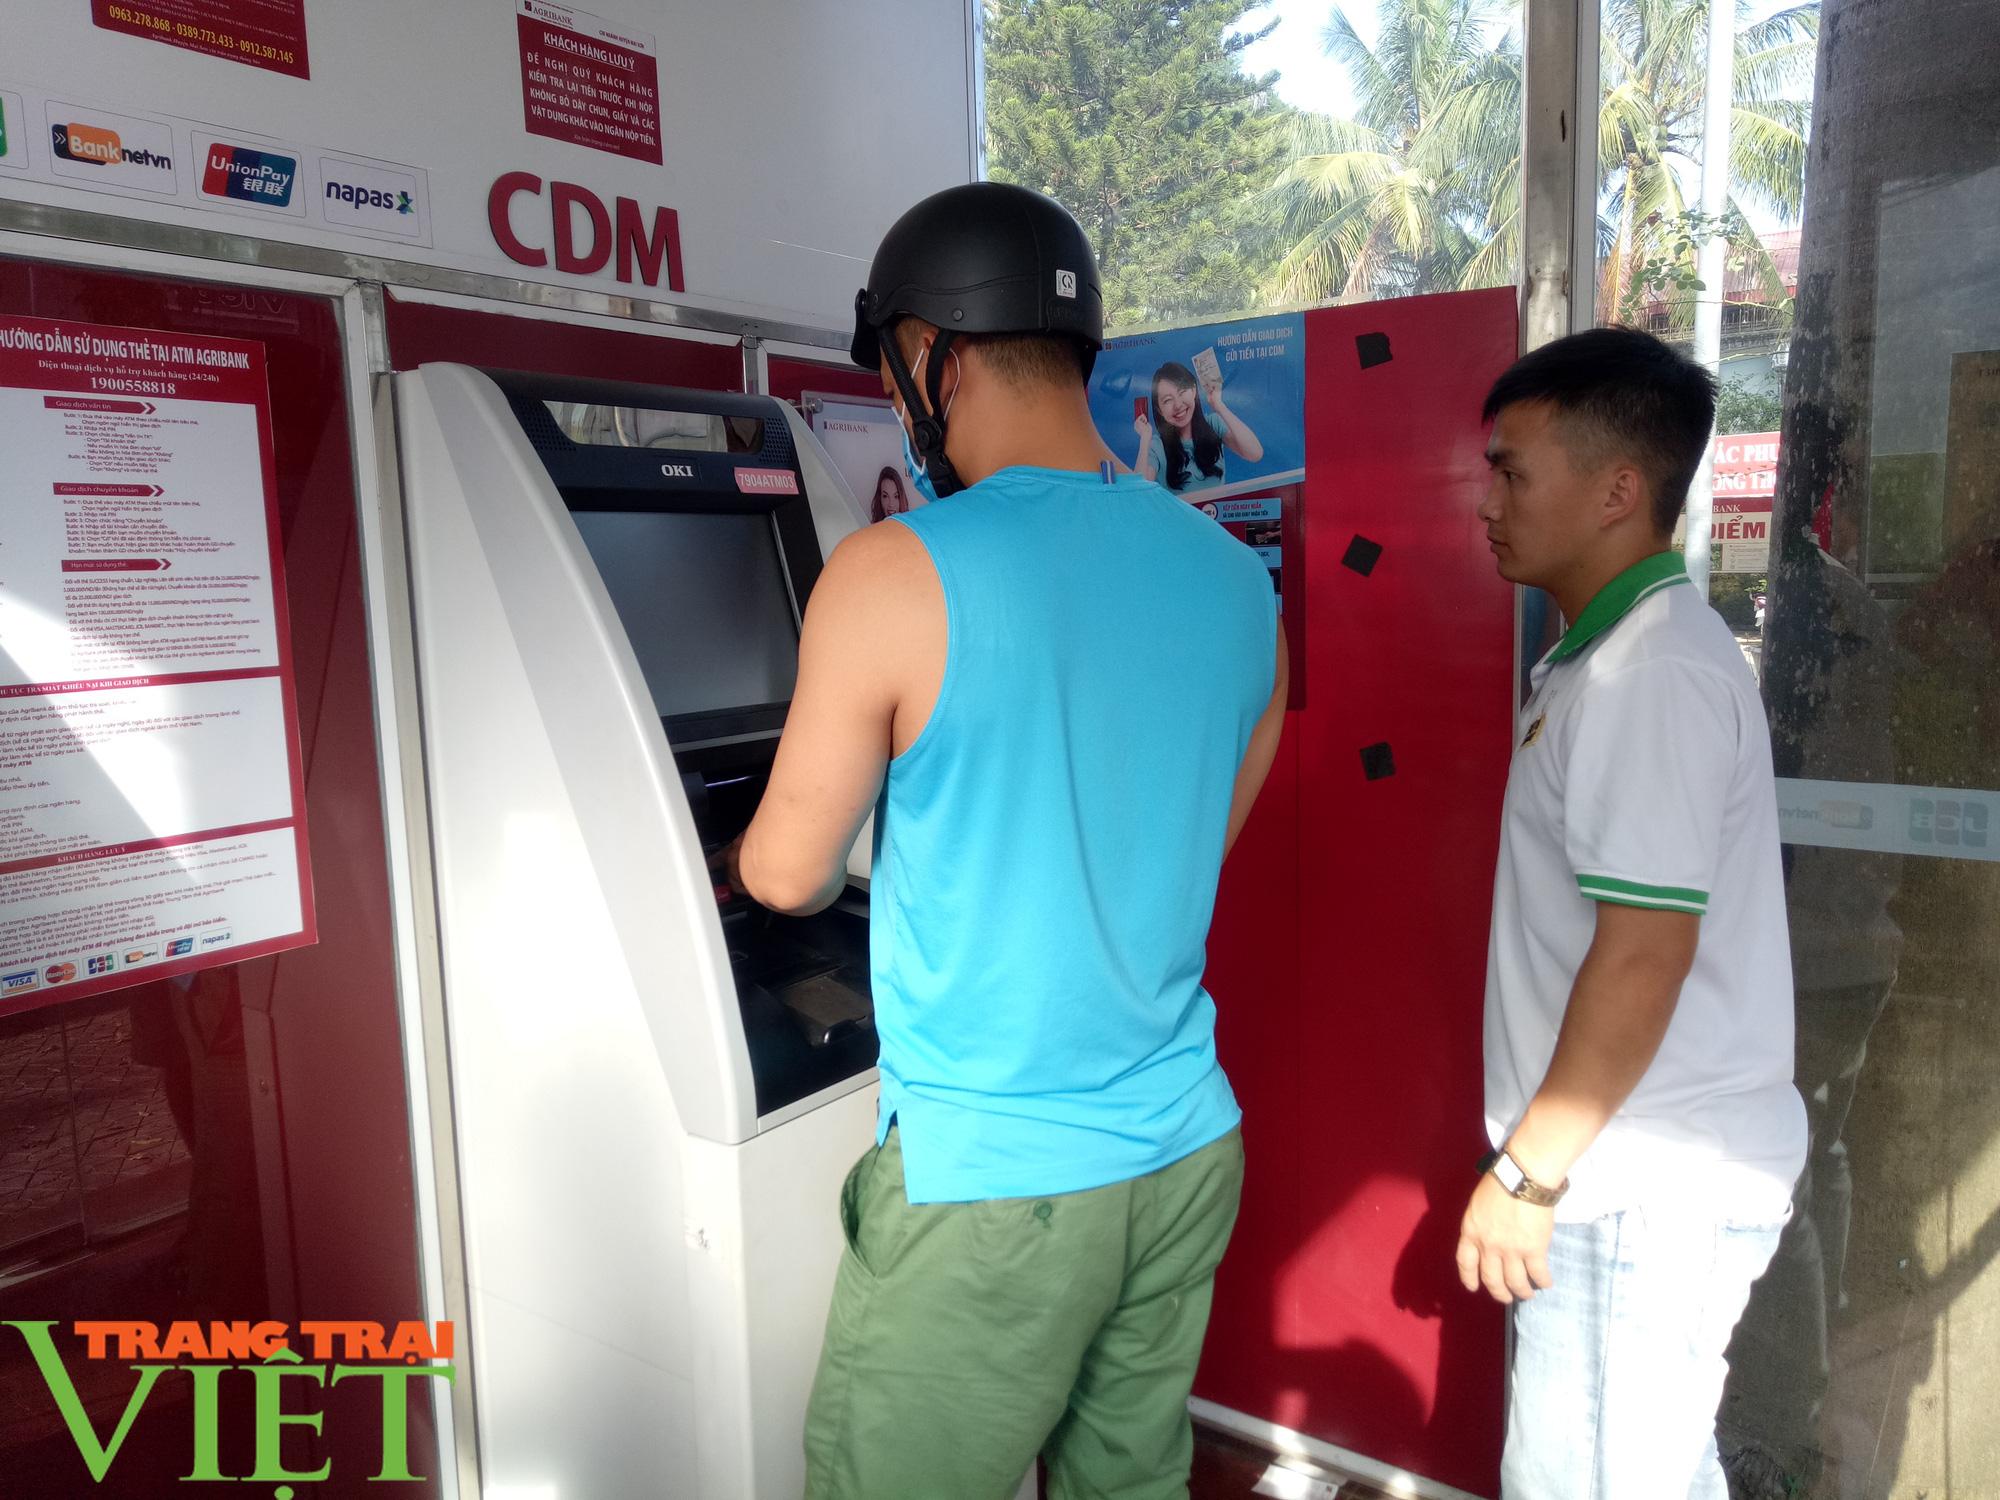 Những lợi ích vượt trội của máy CDM Agribank Mai Sơn - Ảnh 2.